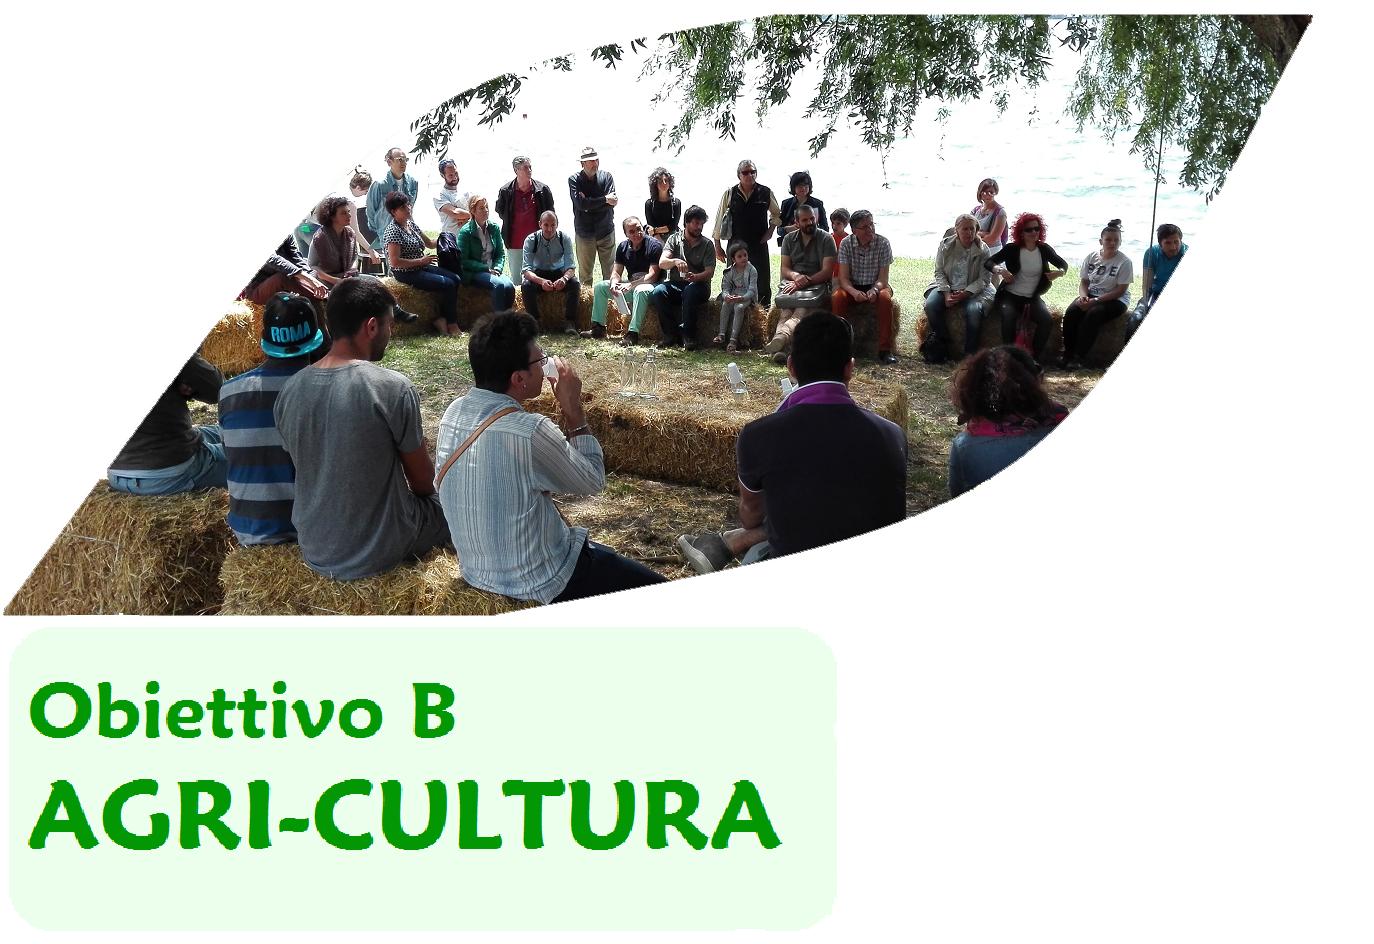 Obiettivo: AgriCultura